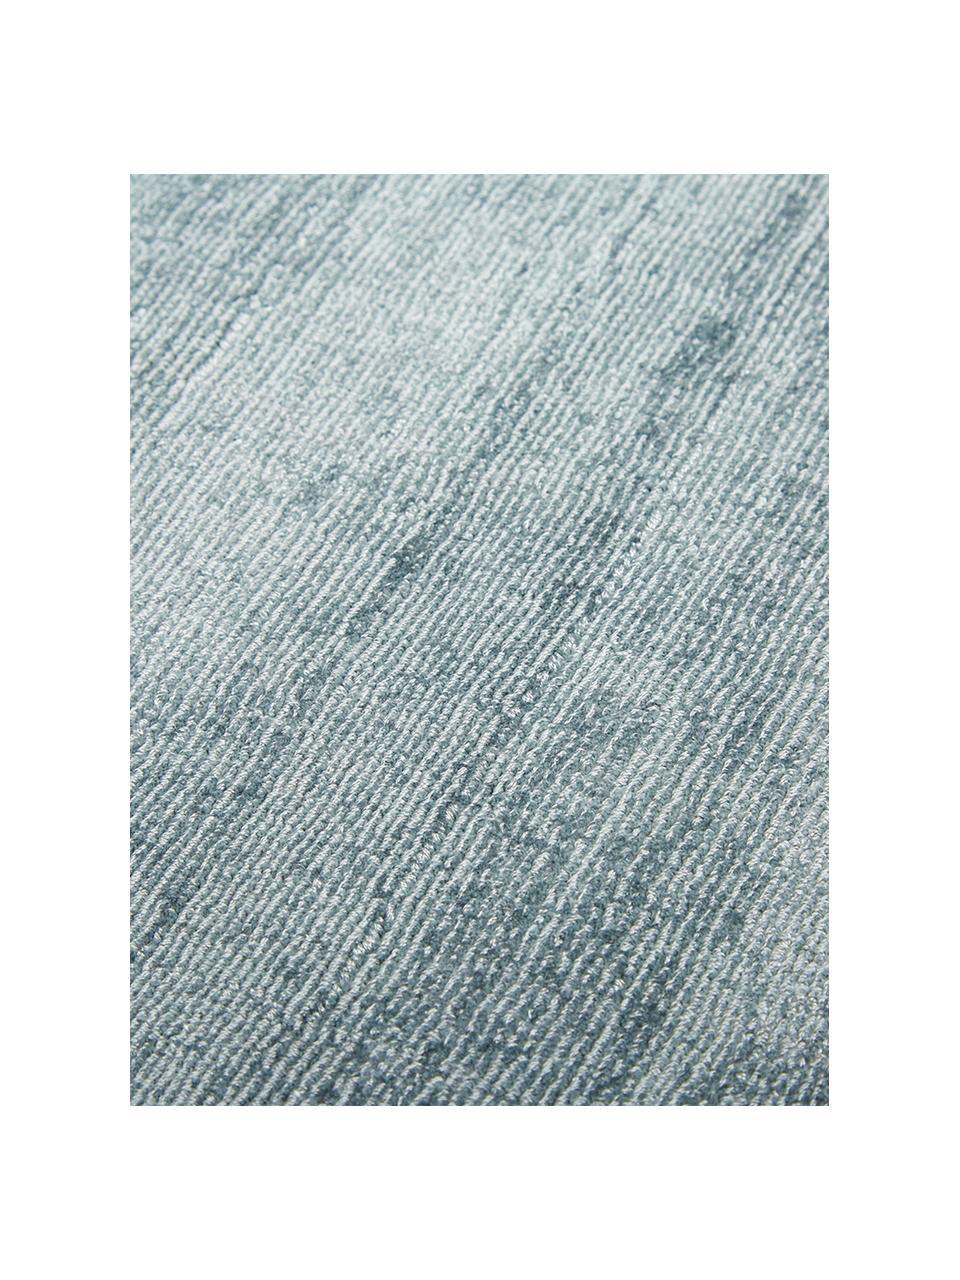 Handgeweven viscose vloerkleed Jane in ijsblauw, Bovenzijde: 100% viscose, Onderzijde: 100% katoen, IJsblauw, B 200 x L 300 cm (maat L)